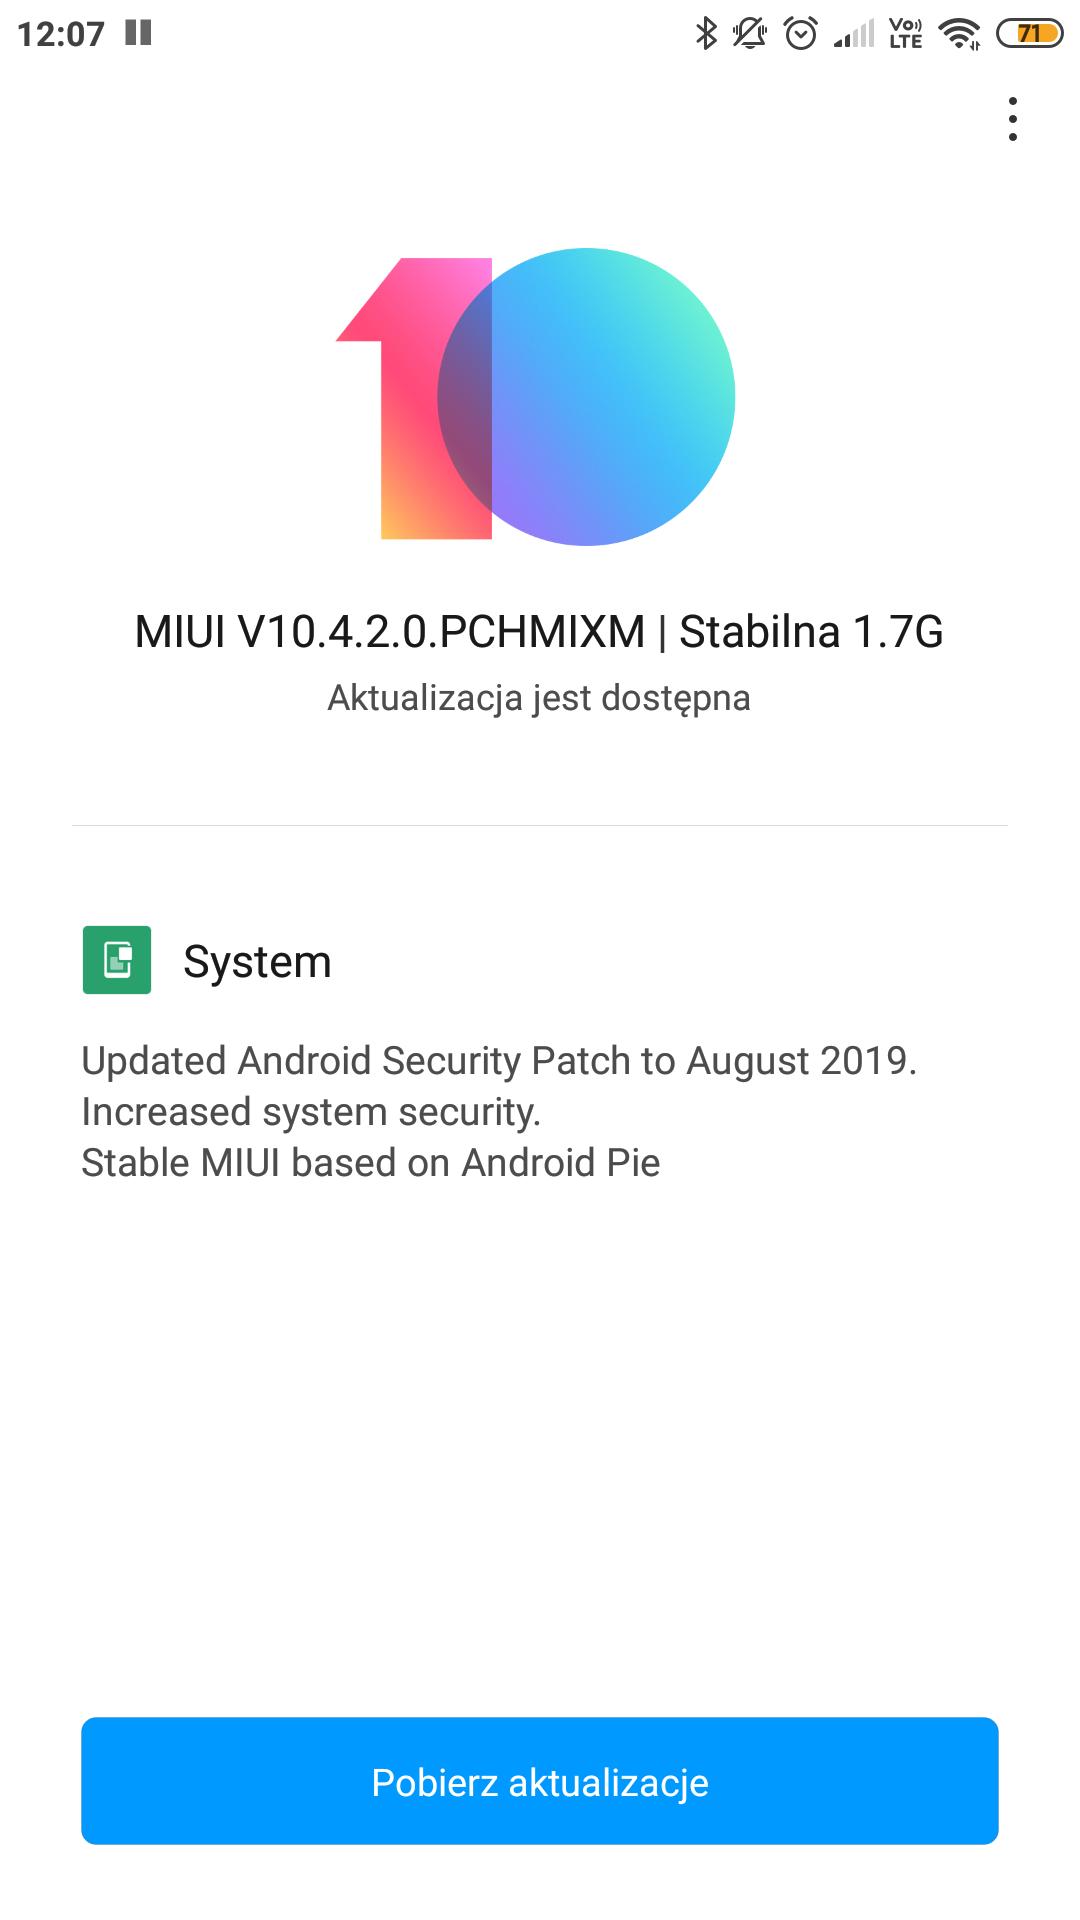 Screenshot_2019-09-12-12-07-06-613_com.android.updater.png.68e609f60aa3cb2c7f7b95c628f9ef17.png